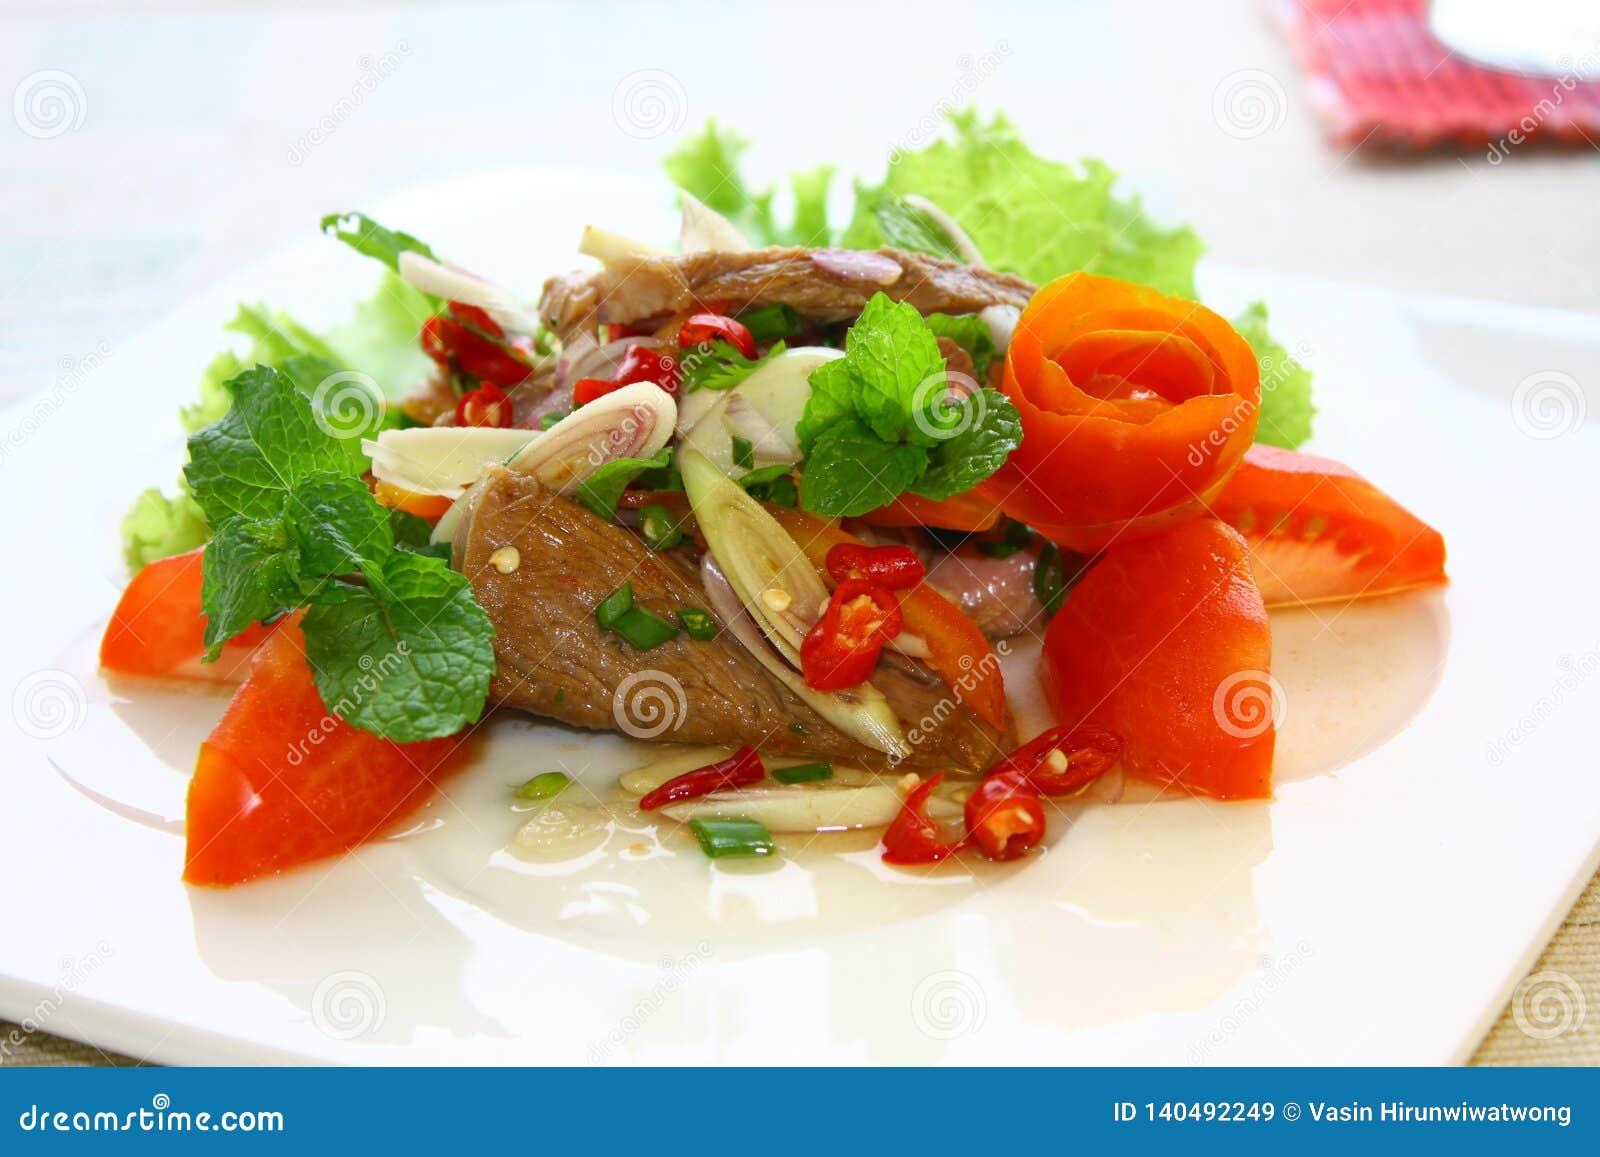 La croquette de poisson, croquette de poisson thaïlandaise de style a servi avec la feuille croustillante de basilic